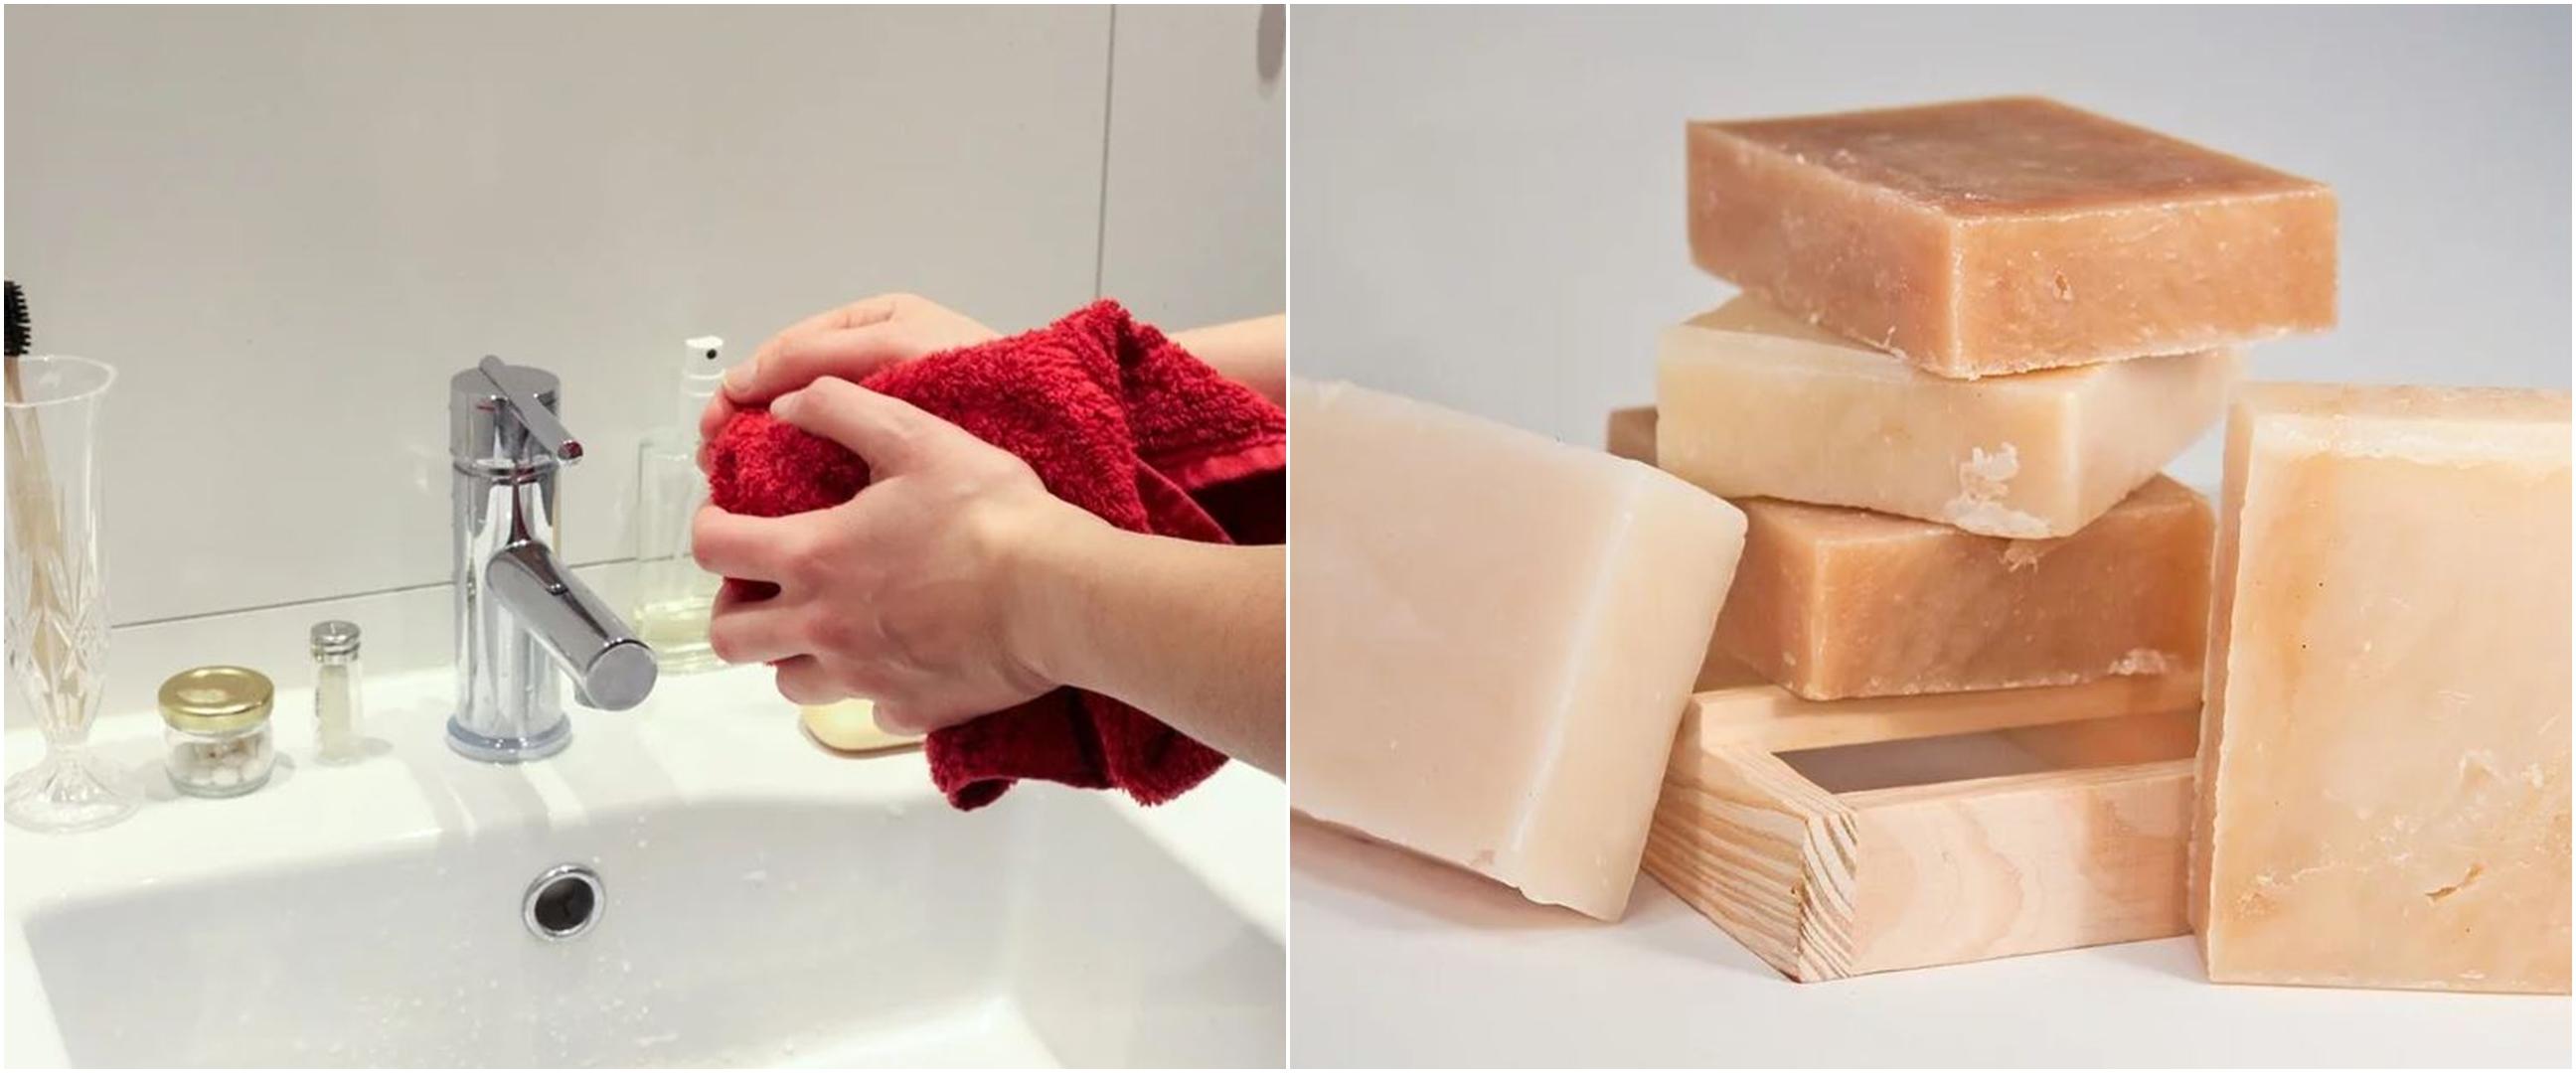 6 Tips atasi kulit tangan mengelupas karena sering cuci tangan